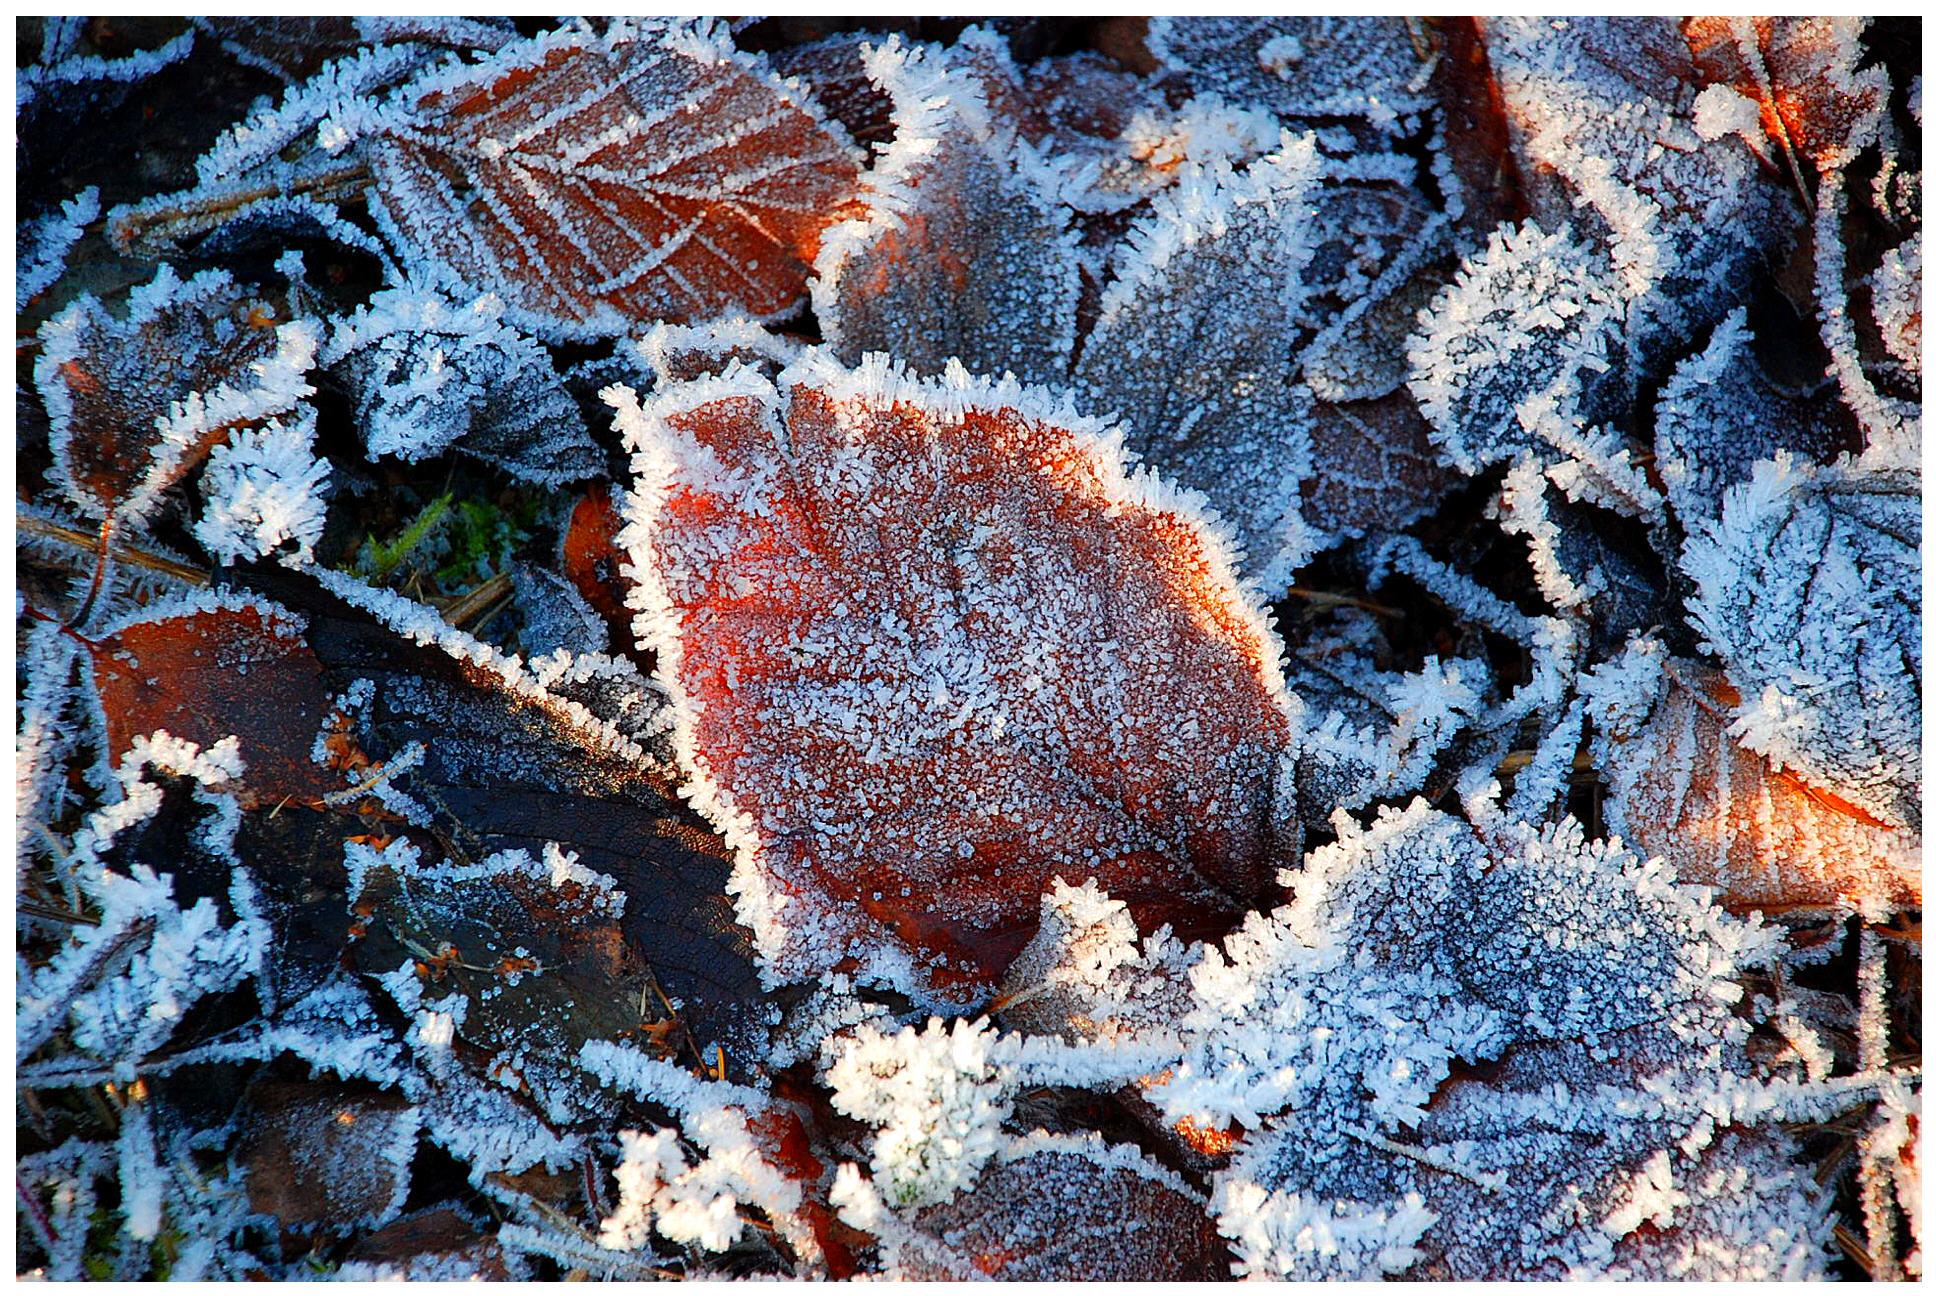 Väterchen Frost